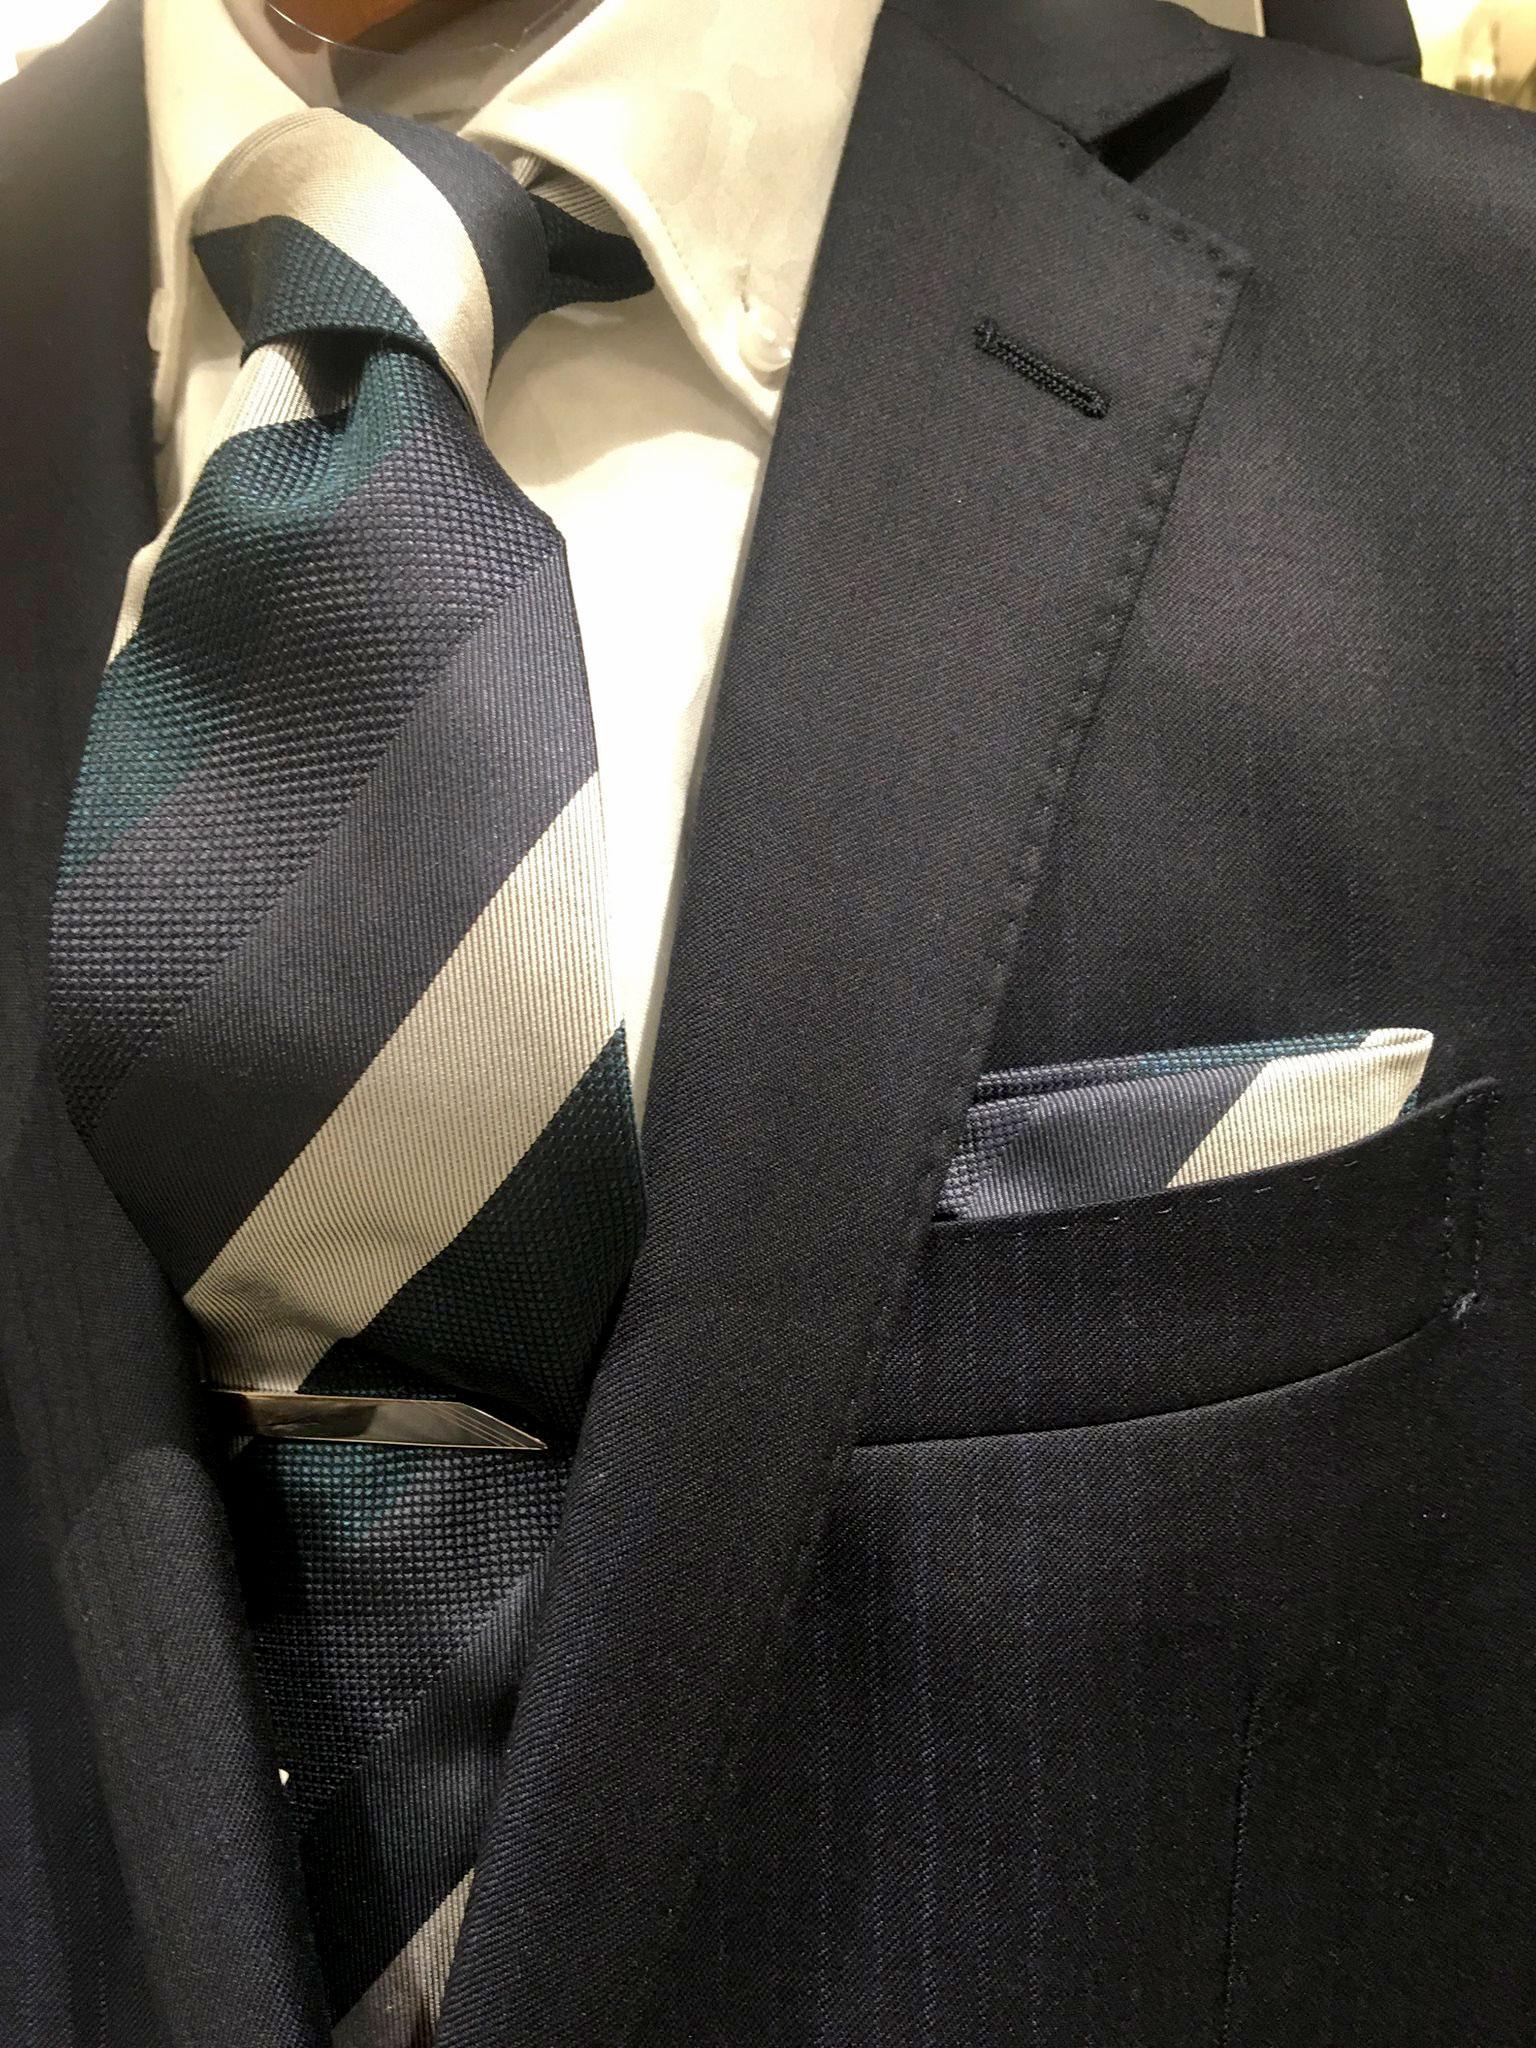 ネクタイとチーフのセット